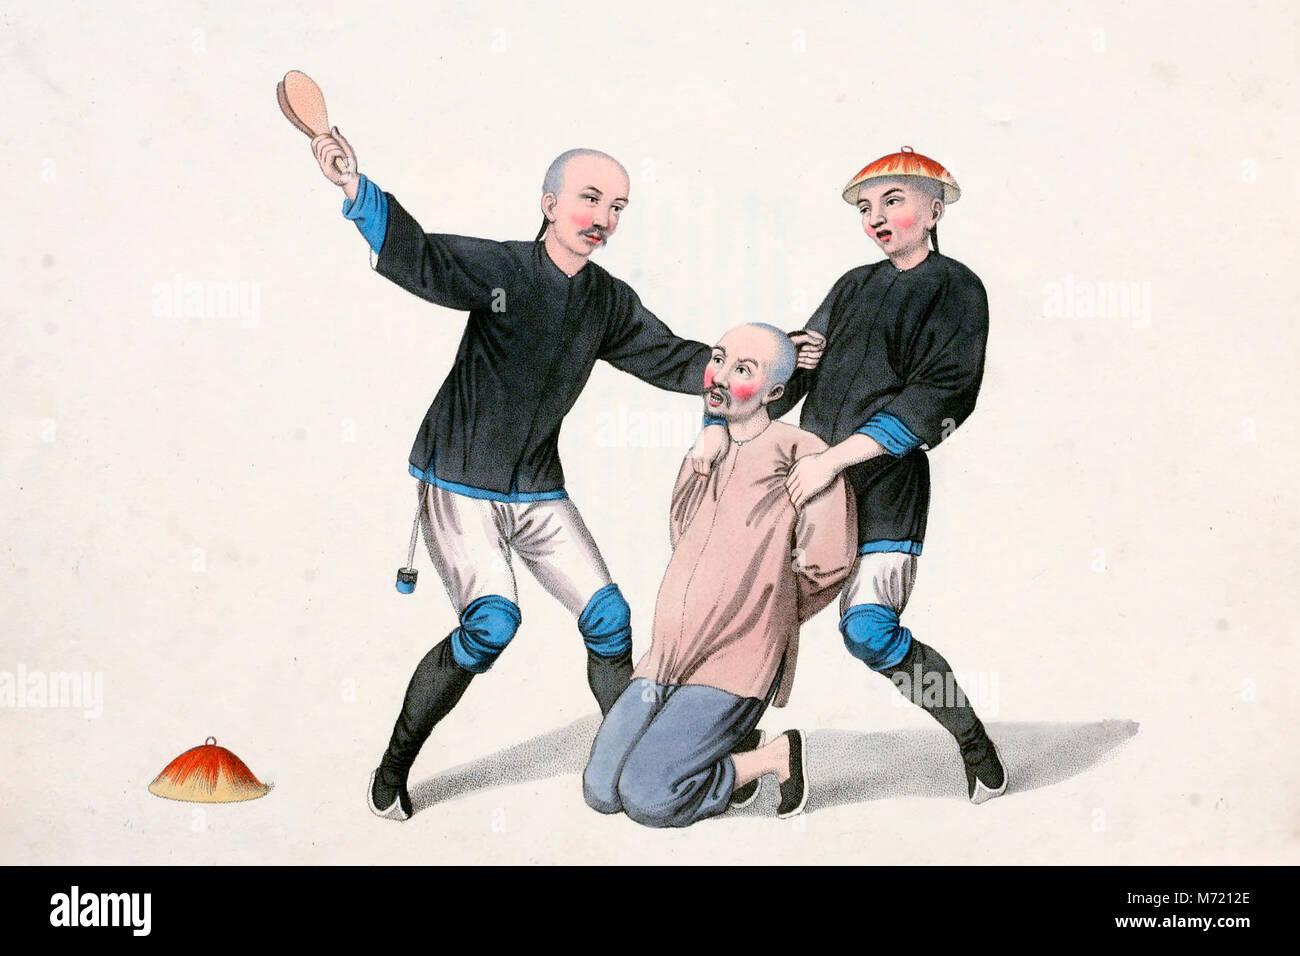 Bestrafung einer bootsmann - In verurteilt wurde, ist er in die Knie gezwungen, einer der Offiziere ihn verhindert Stockbild